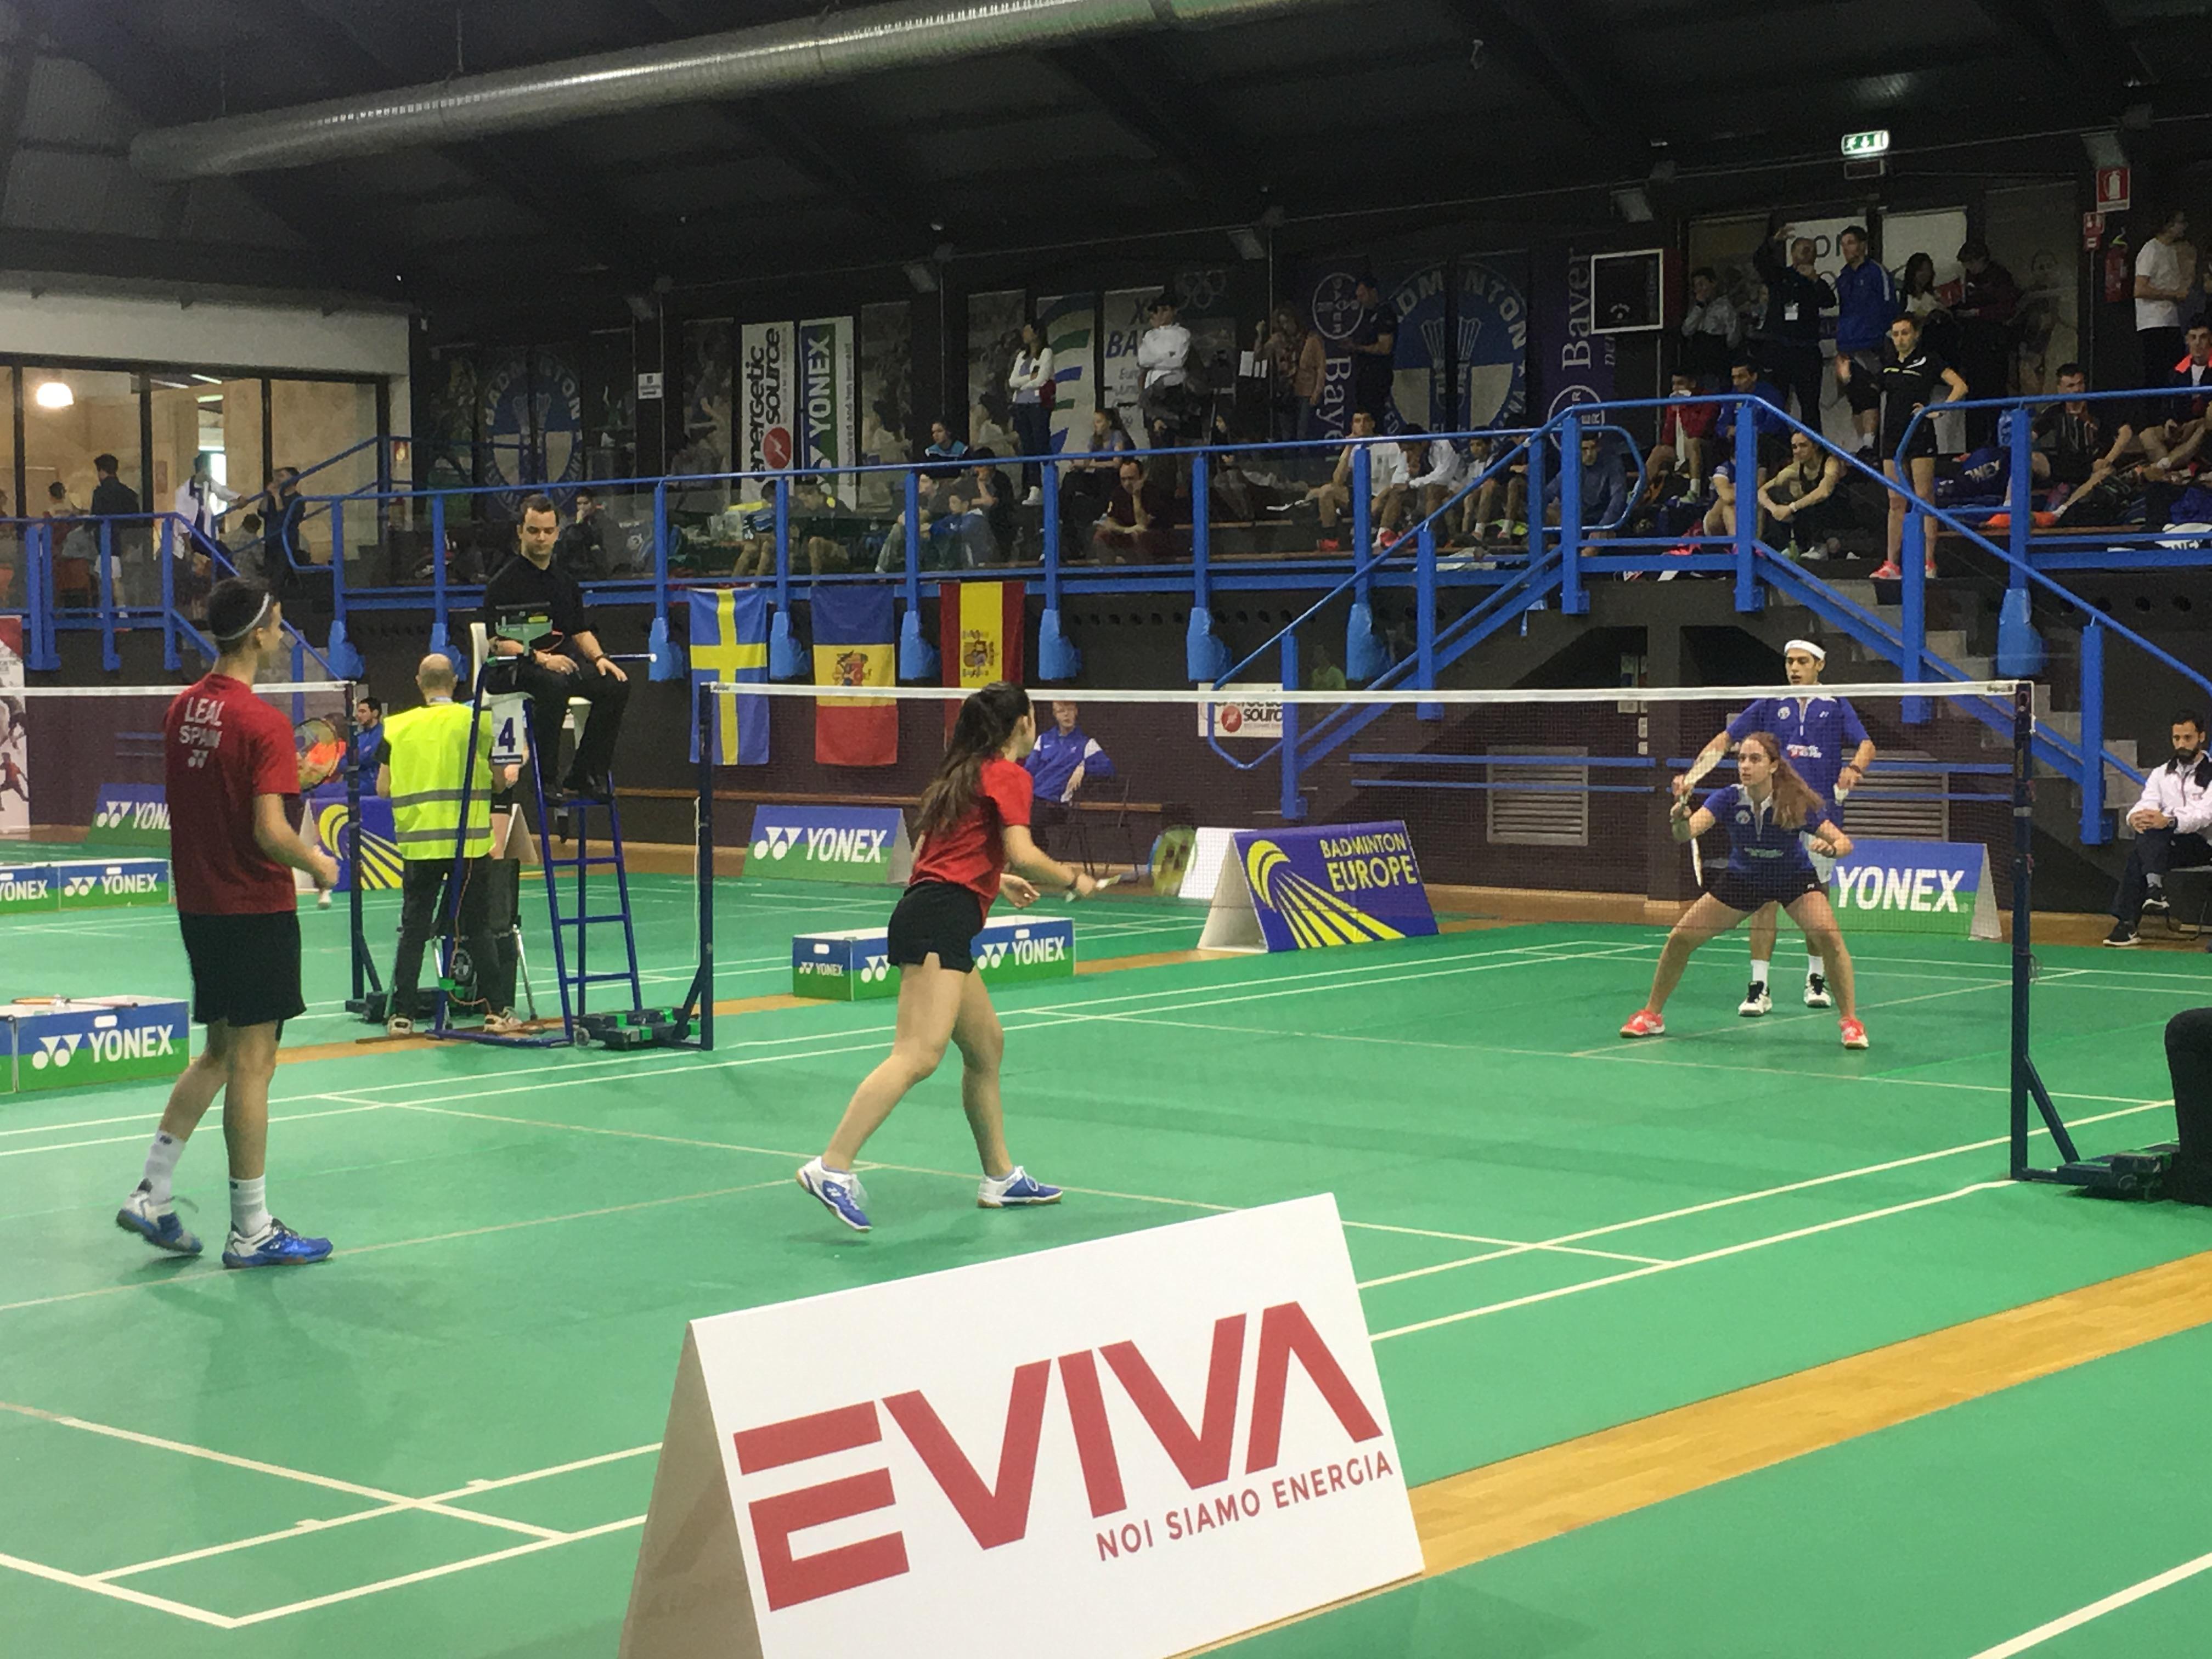 Chiara Passeri ed Enrico Baroni (in maglia azzurra) durante la sfida contro gli spagnoli Alvaro e Claudia Leal agli l'Italian Junior 2017